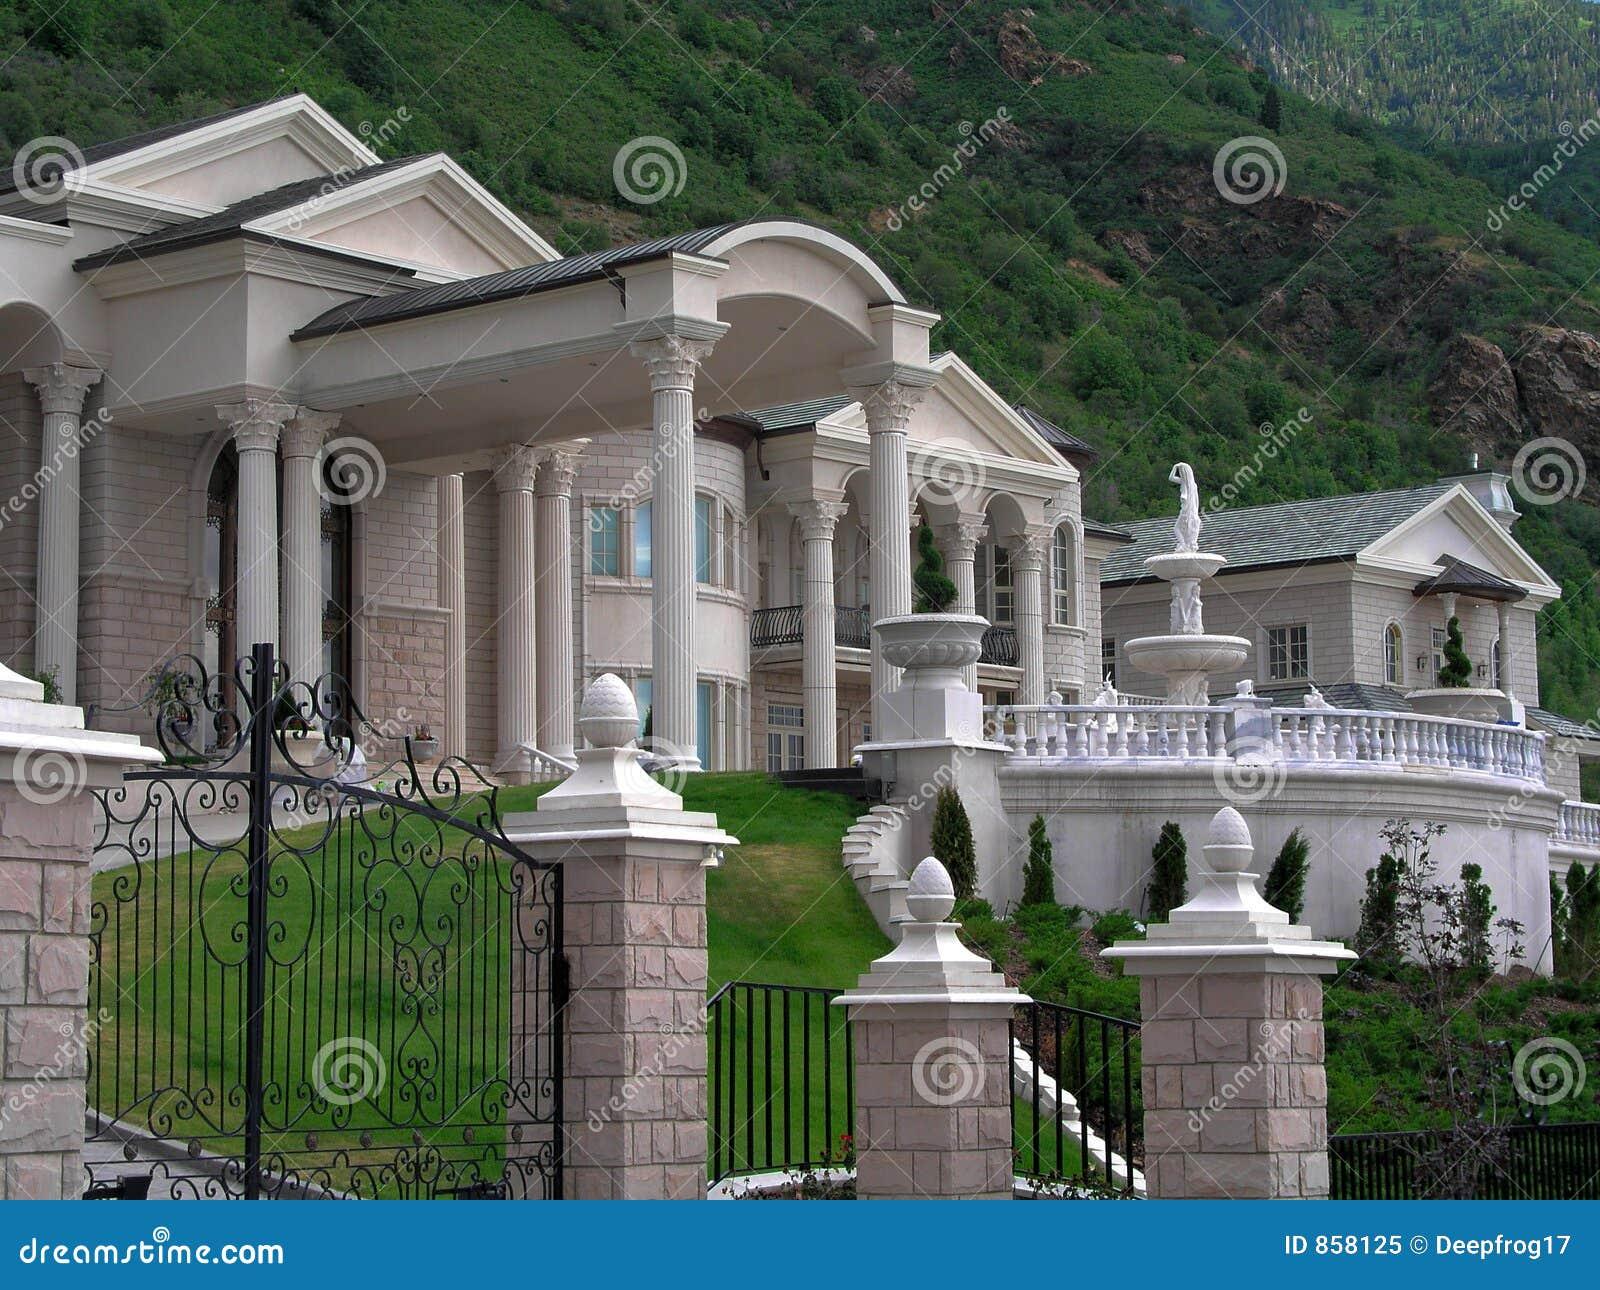 maison riche image stock image du palais d go tant r el 858125. Black Bedroom Furniture Sets. Home Design Ideas